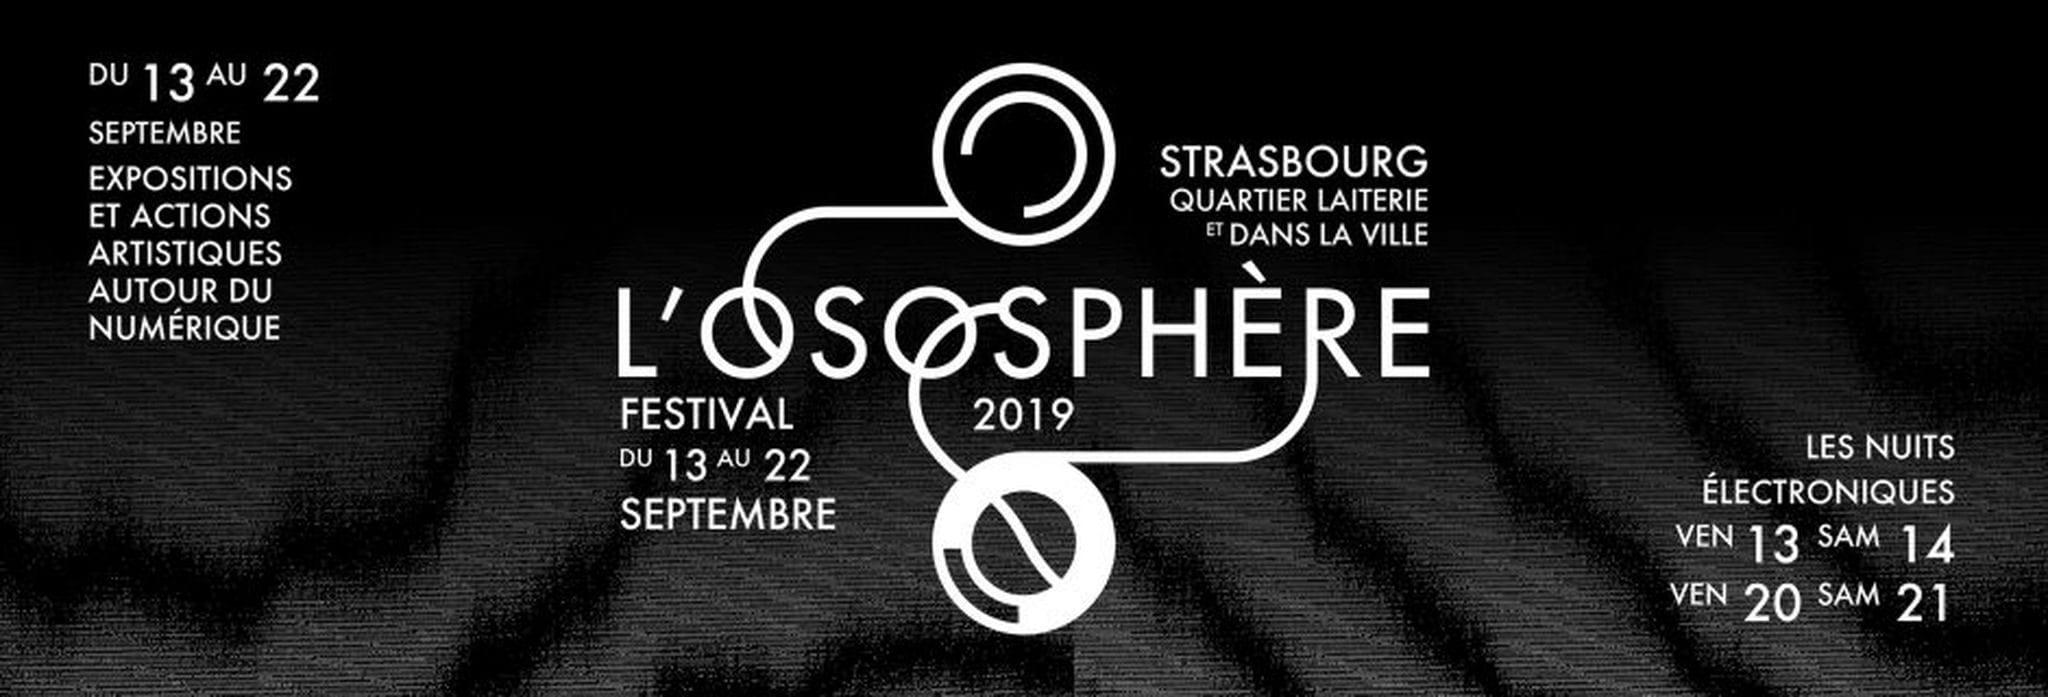 L'Ososphère de retour dans le quartier Laiterie en septembre